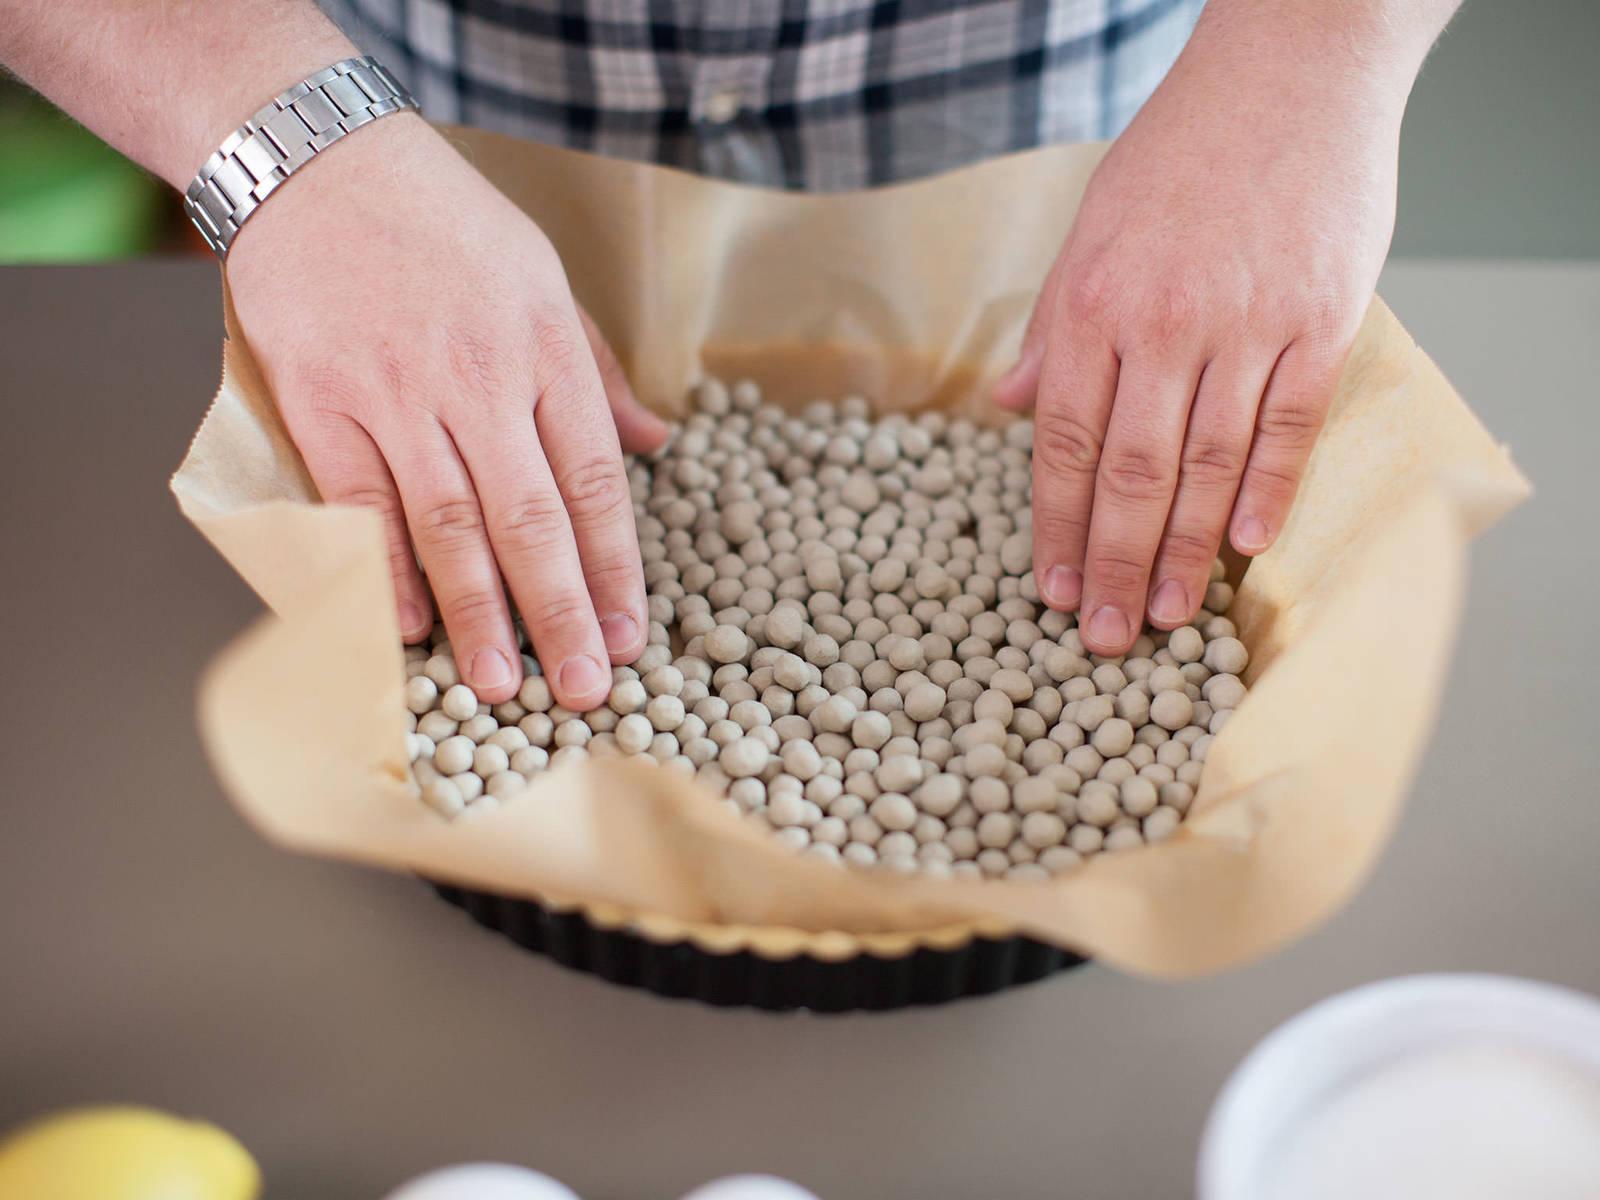 预热烤箱至200摄氏度。将烘焙纸铺在派皮上,用派珠或豆子压在上面,烘烤20-25分钟。从烤箱中取出后,去掉派珠,静置冷却。将烤箱调至180摄氏度。